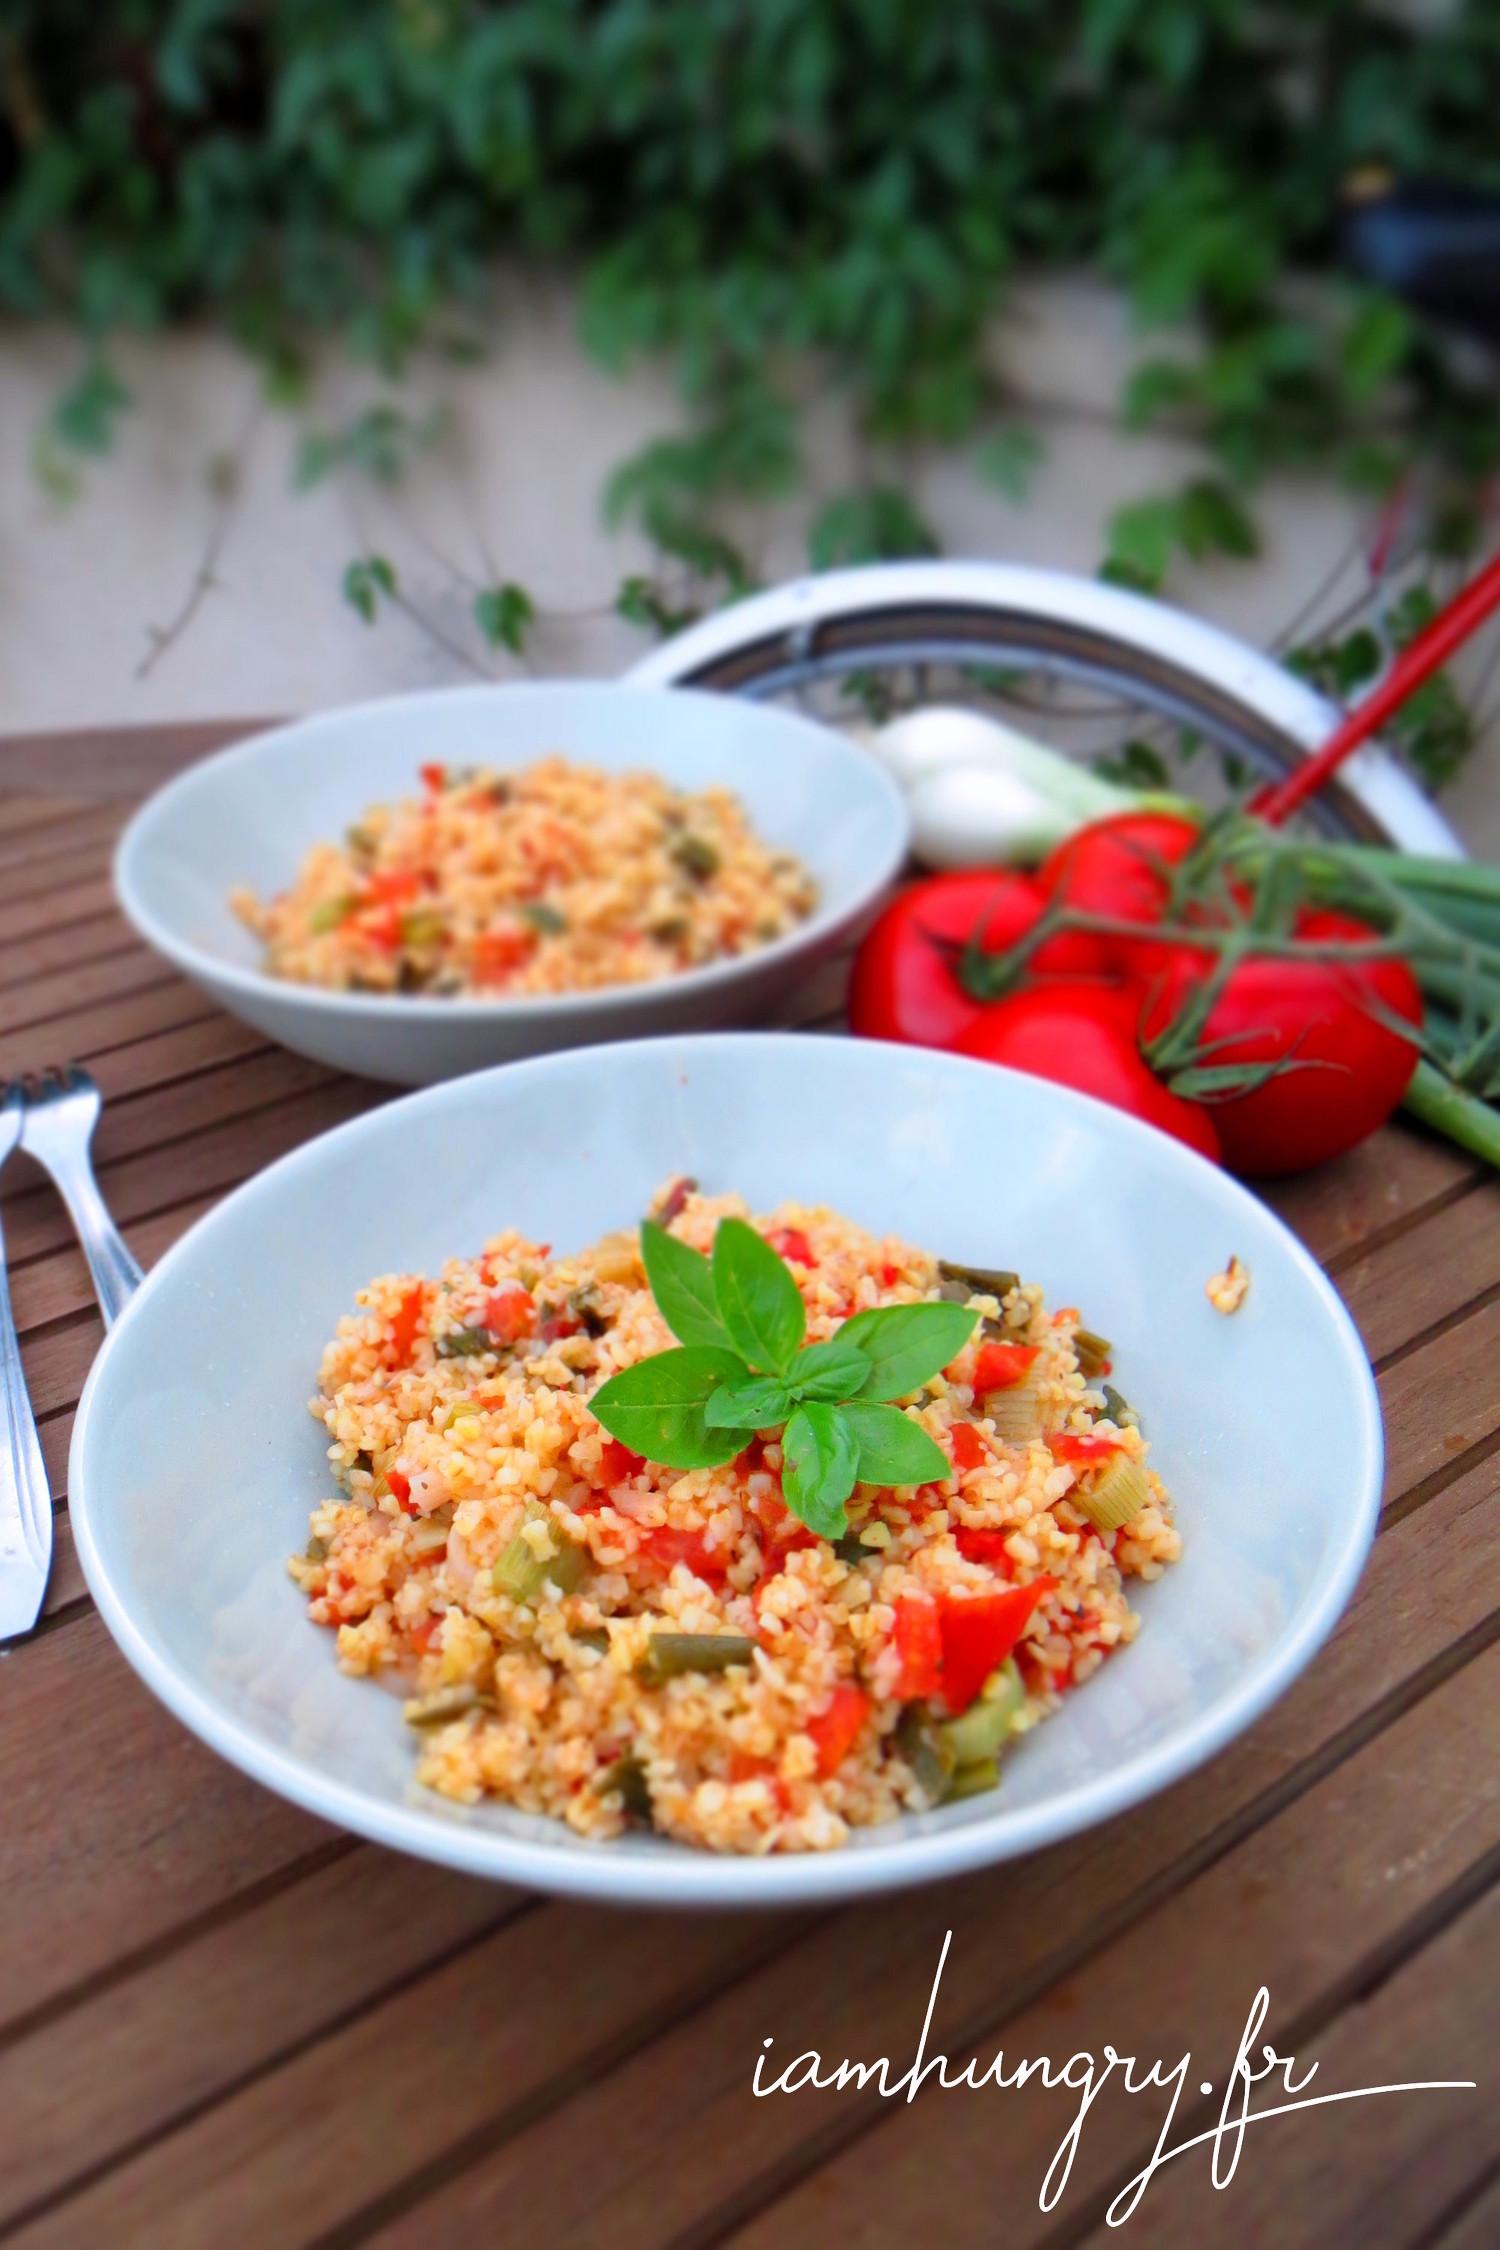 Poêlée de boulgour aux tomates et oignons verts